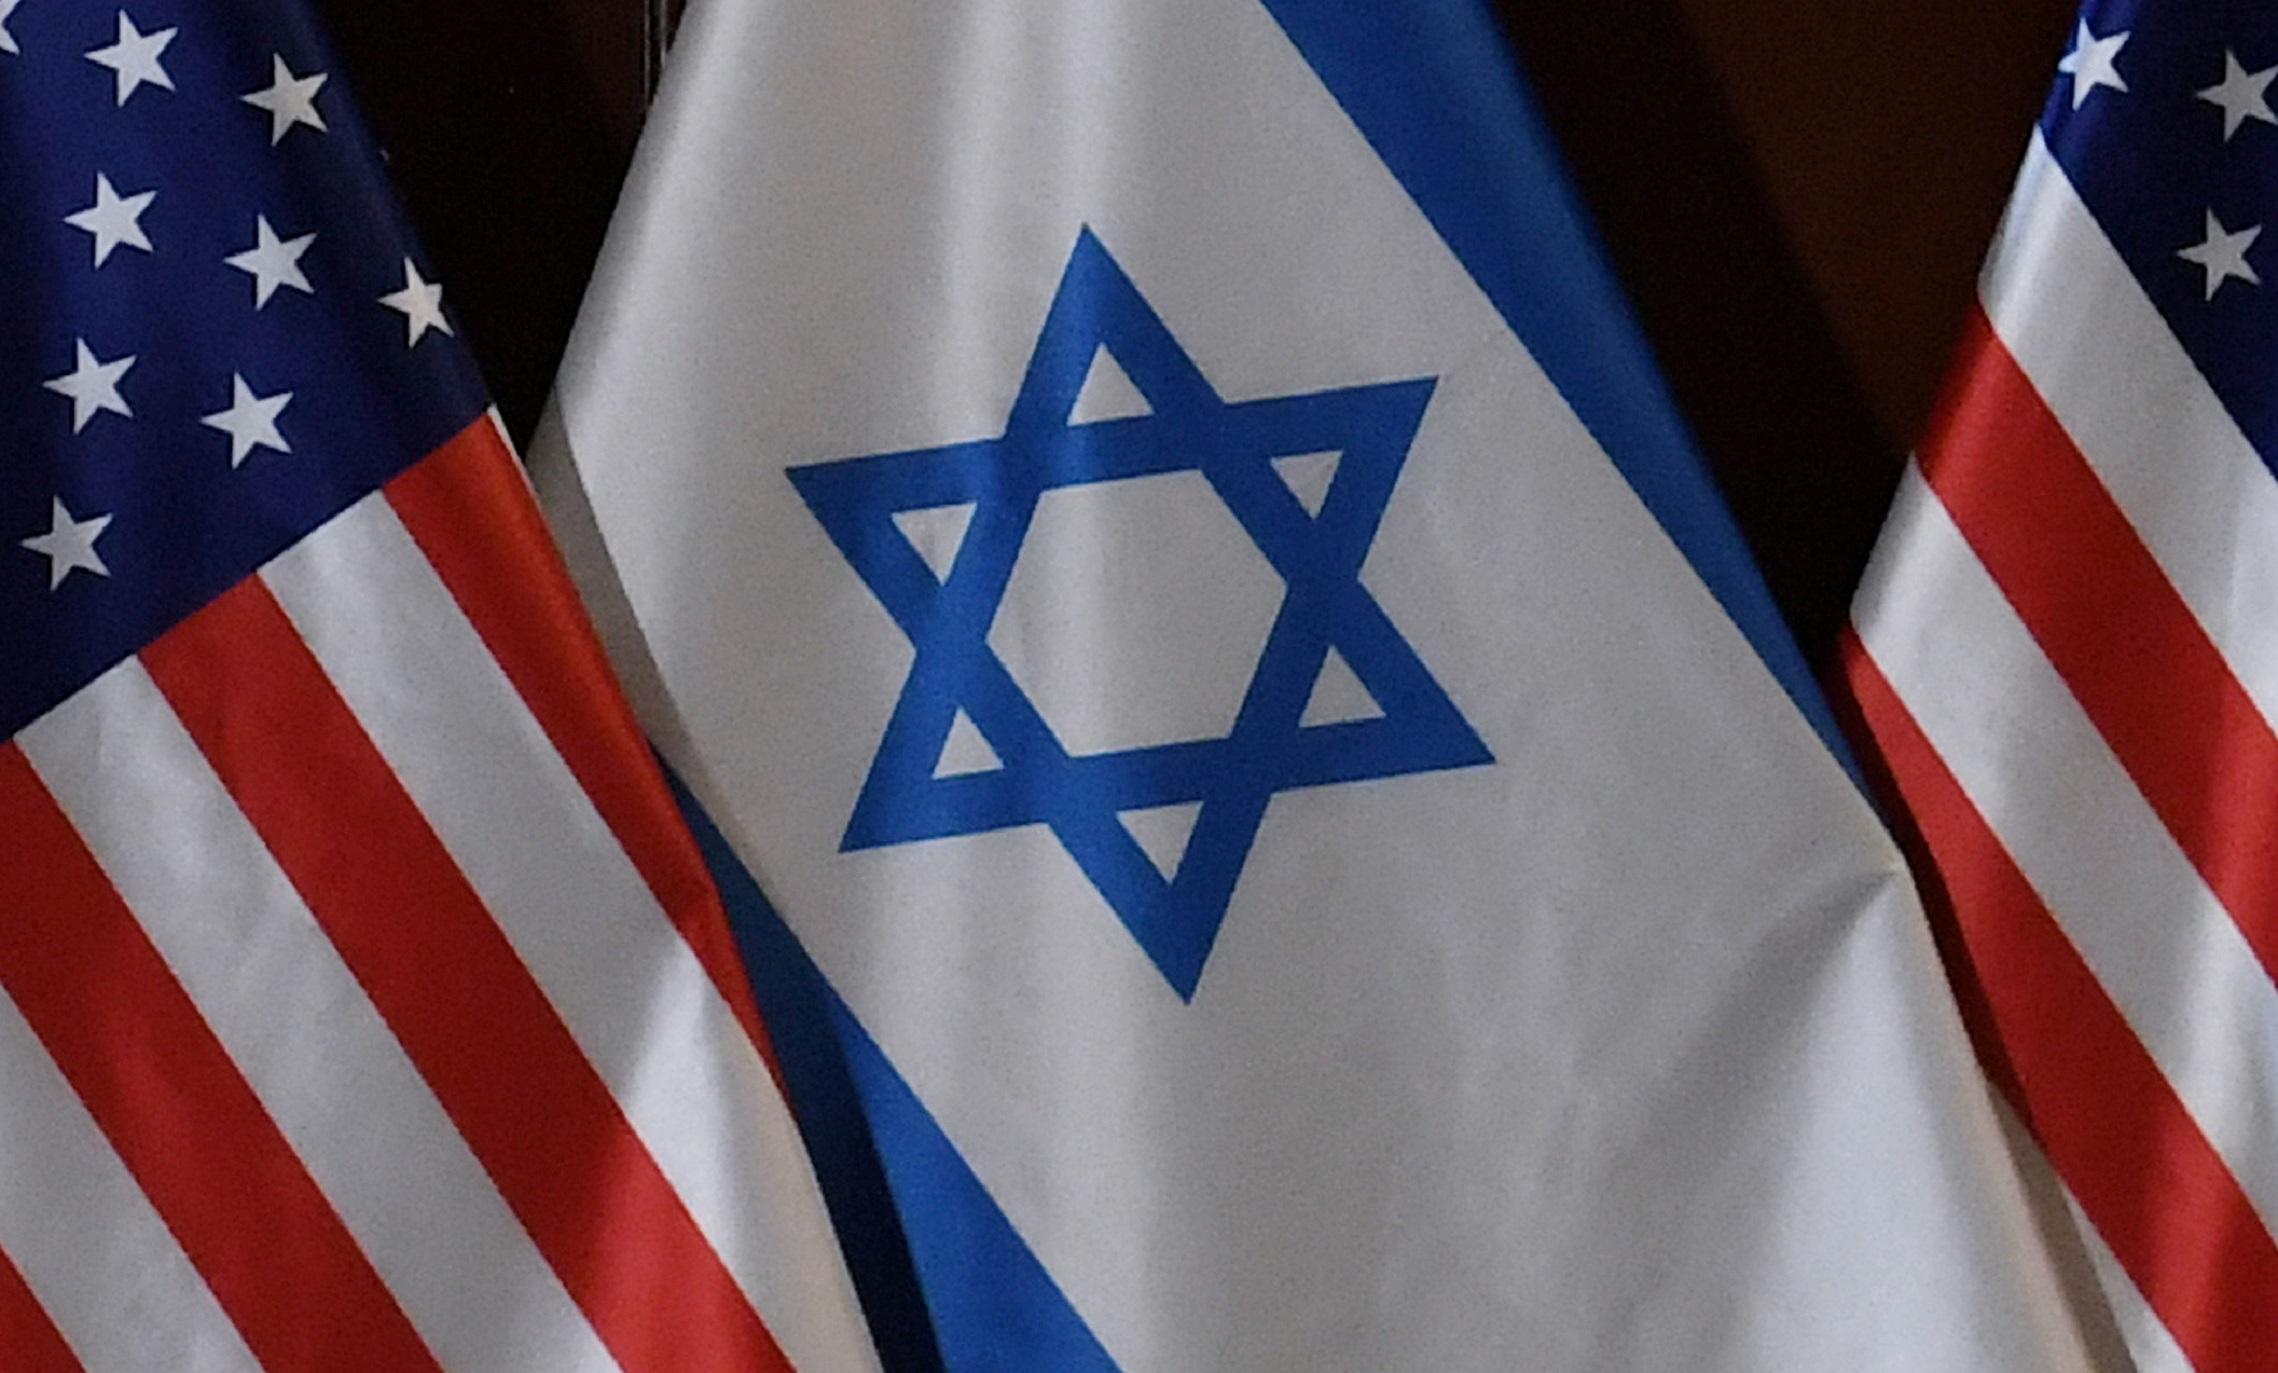 Οι ΗΠΑ ζητούν και από άλλες αραβικές χώρες να αναγνωρίσουν το Ισραήλ